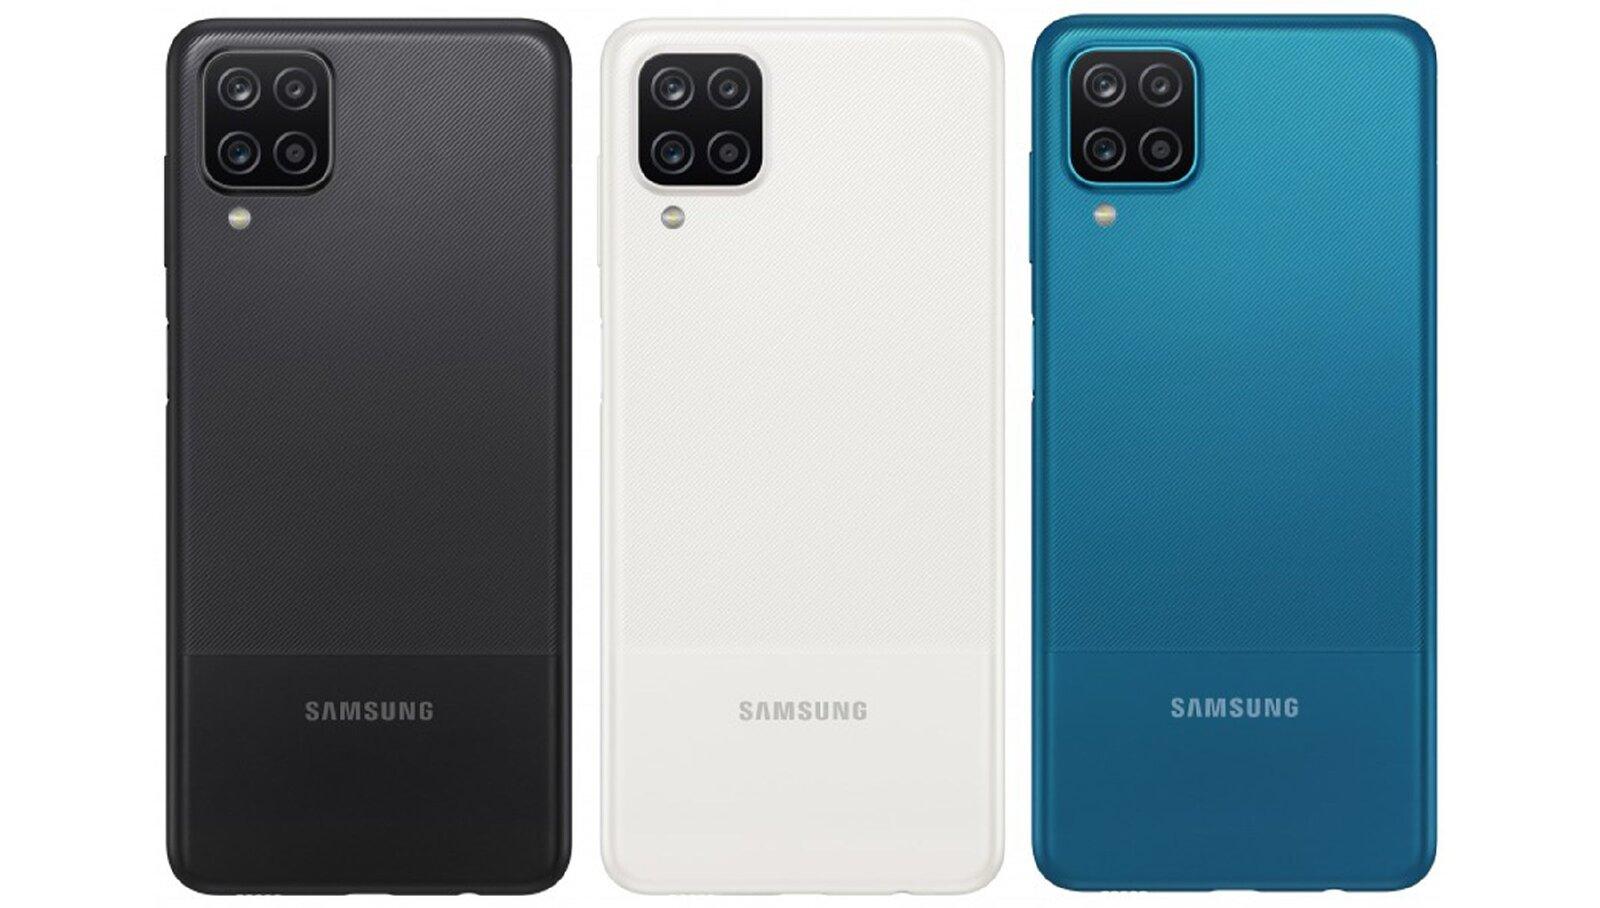 L'arrière du Samsung Galaxy A12 en trois couleurs